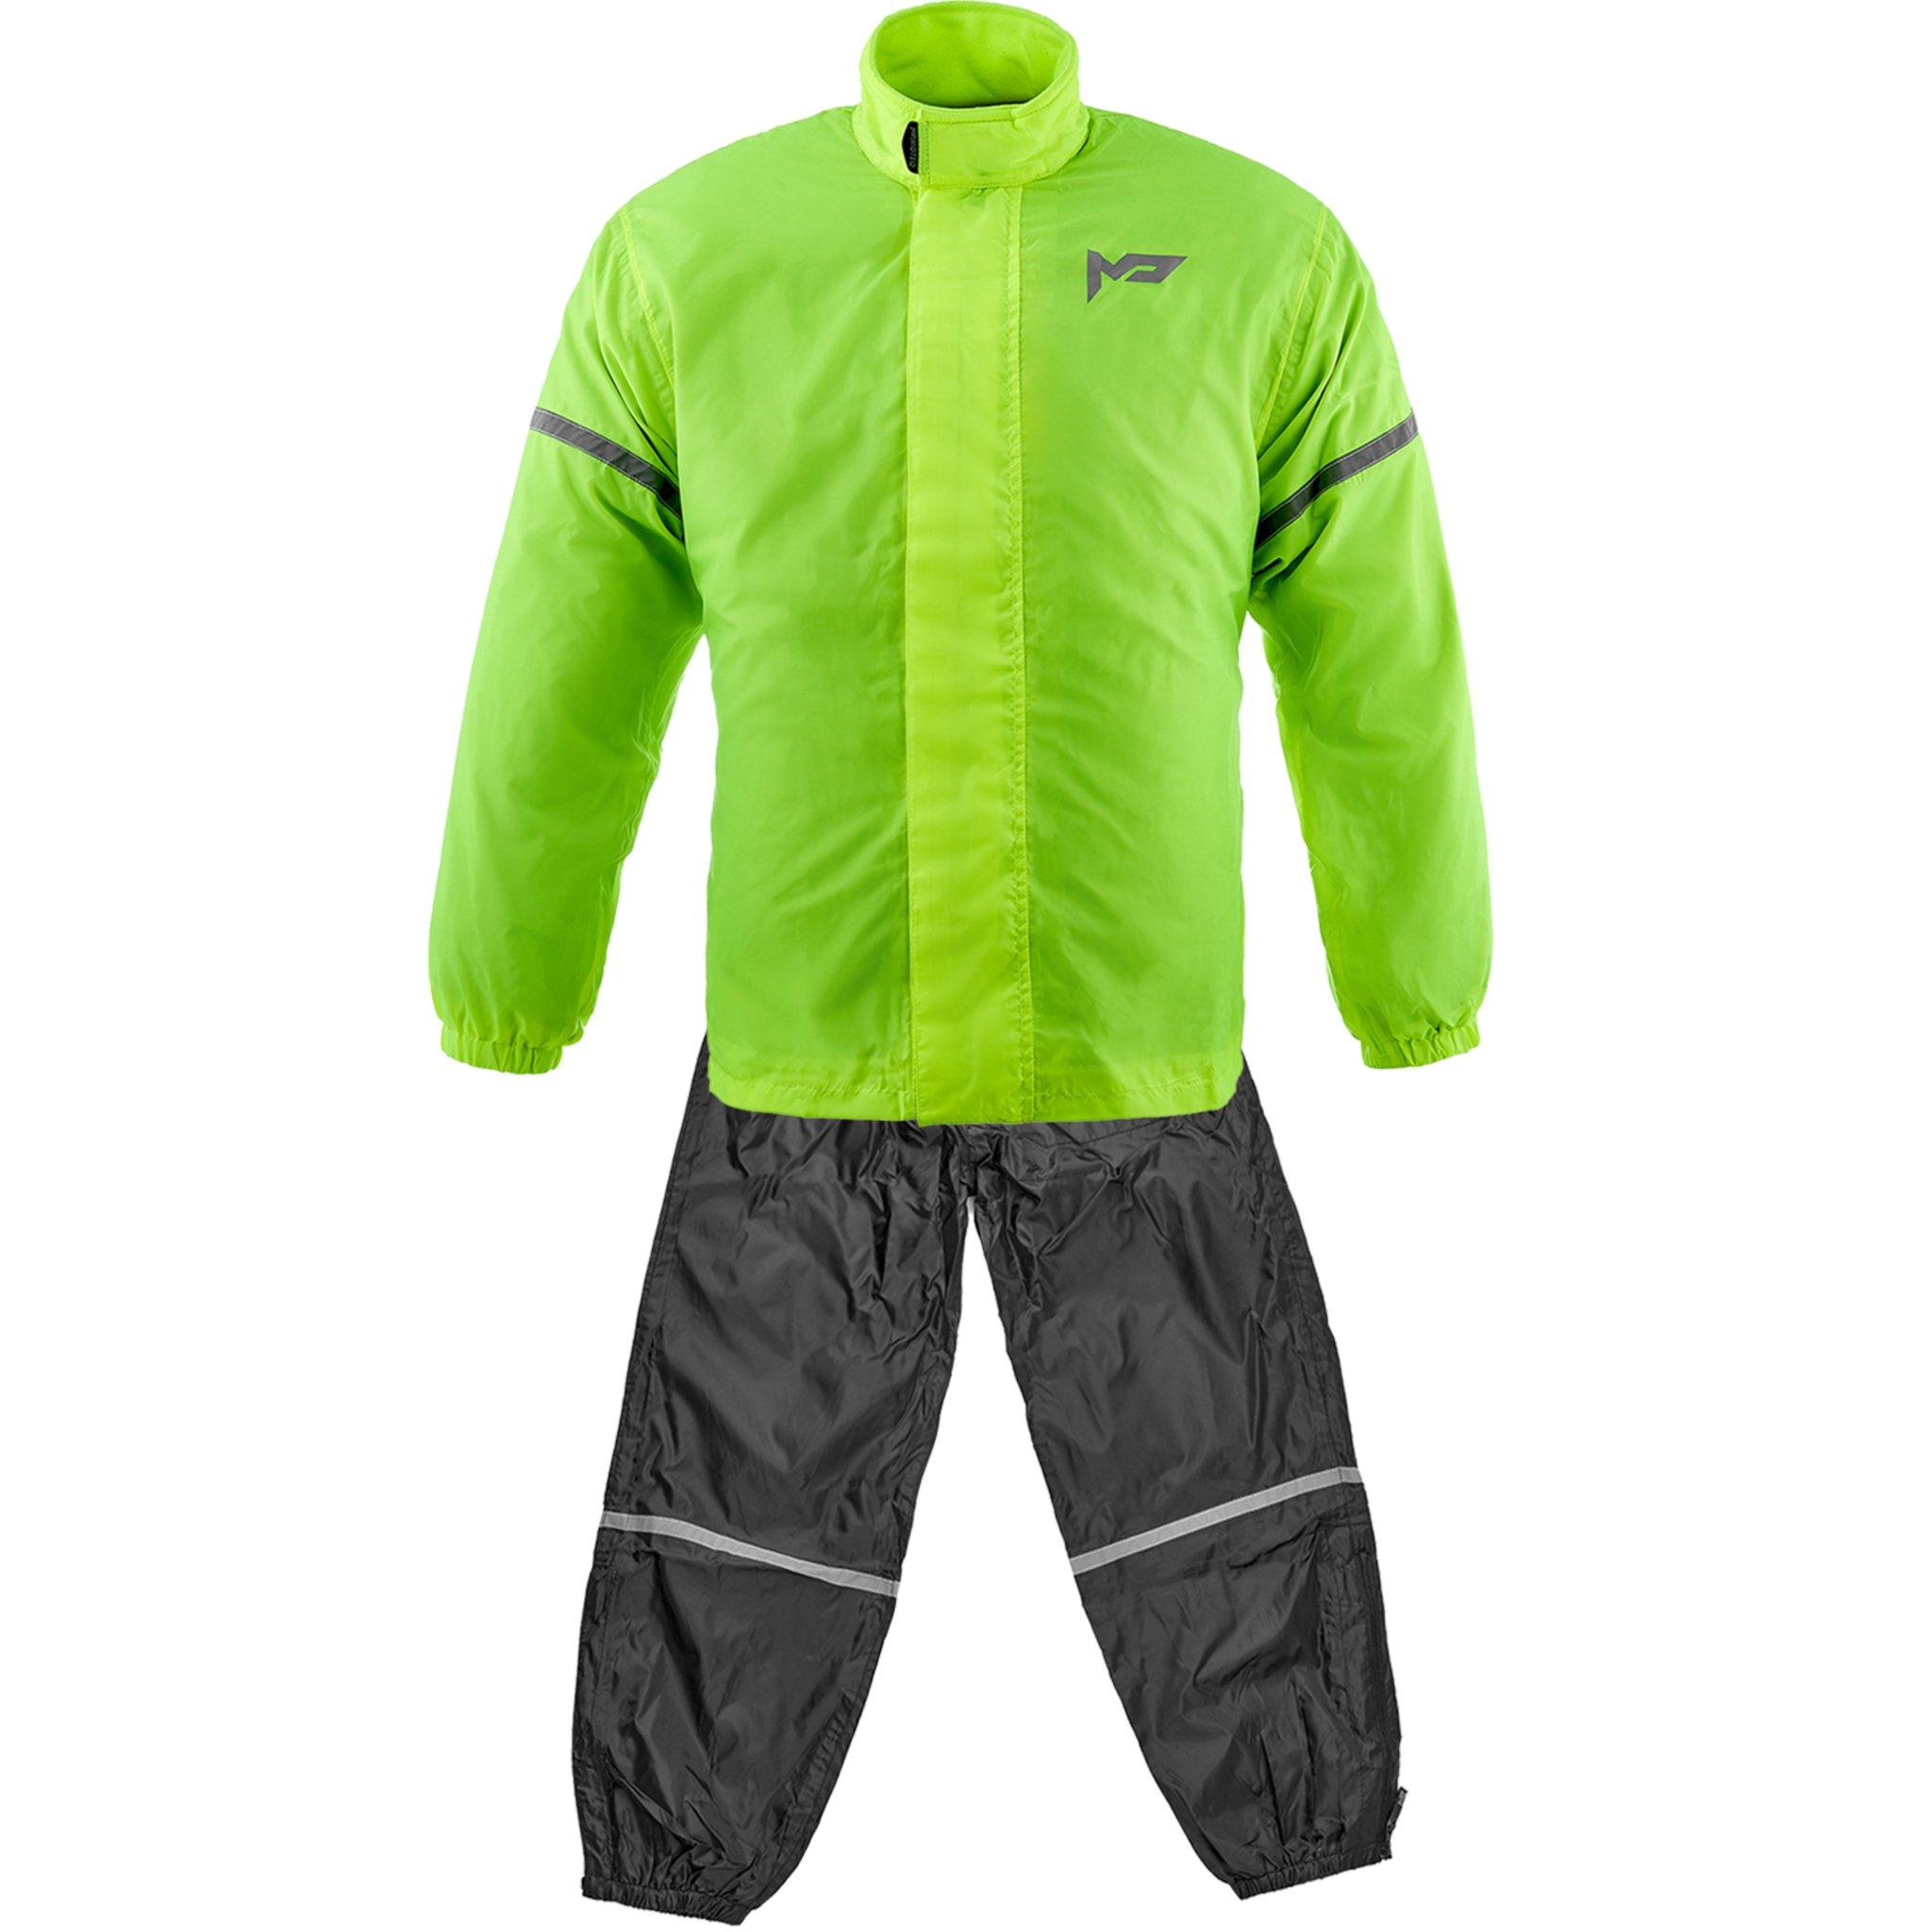 Дождевик MOTEQ SAHARA, раздельный (куртка + штаны)